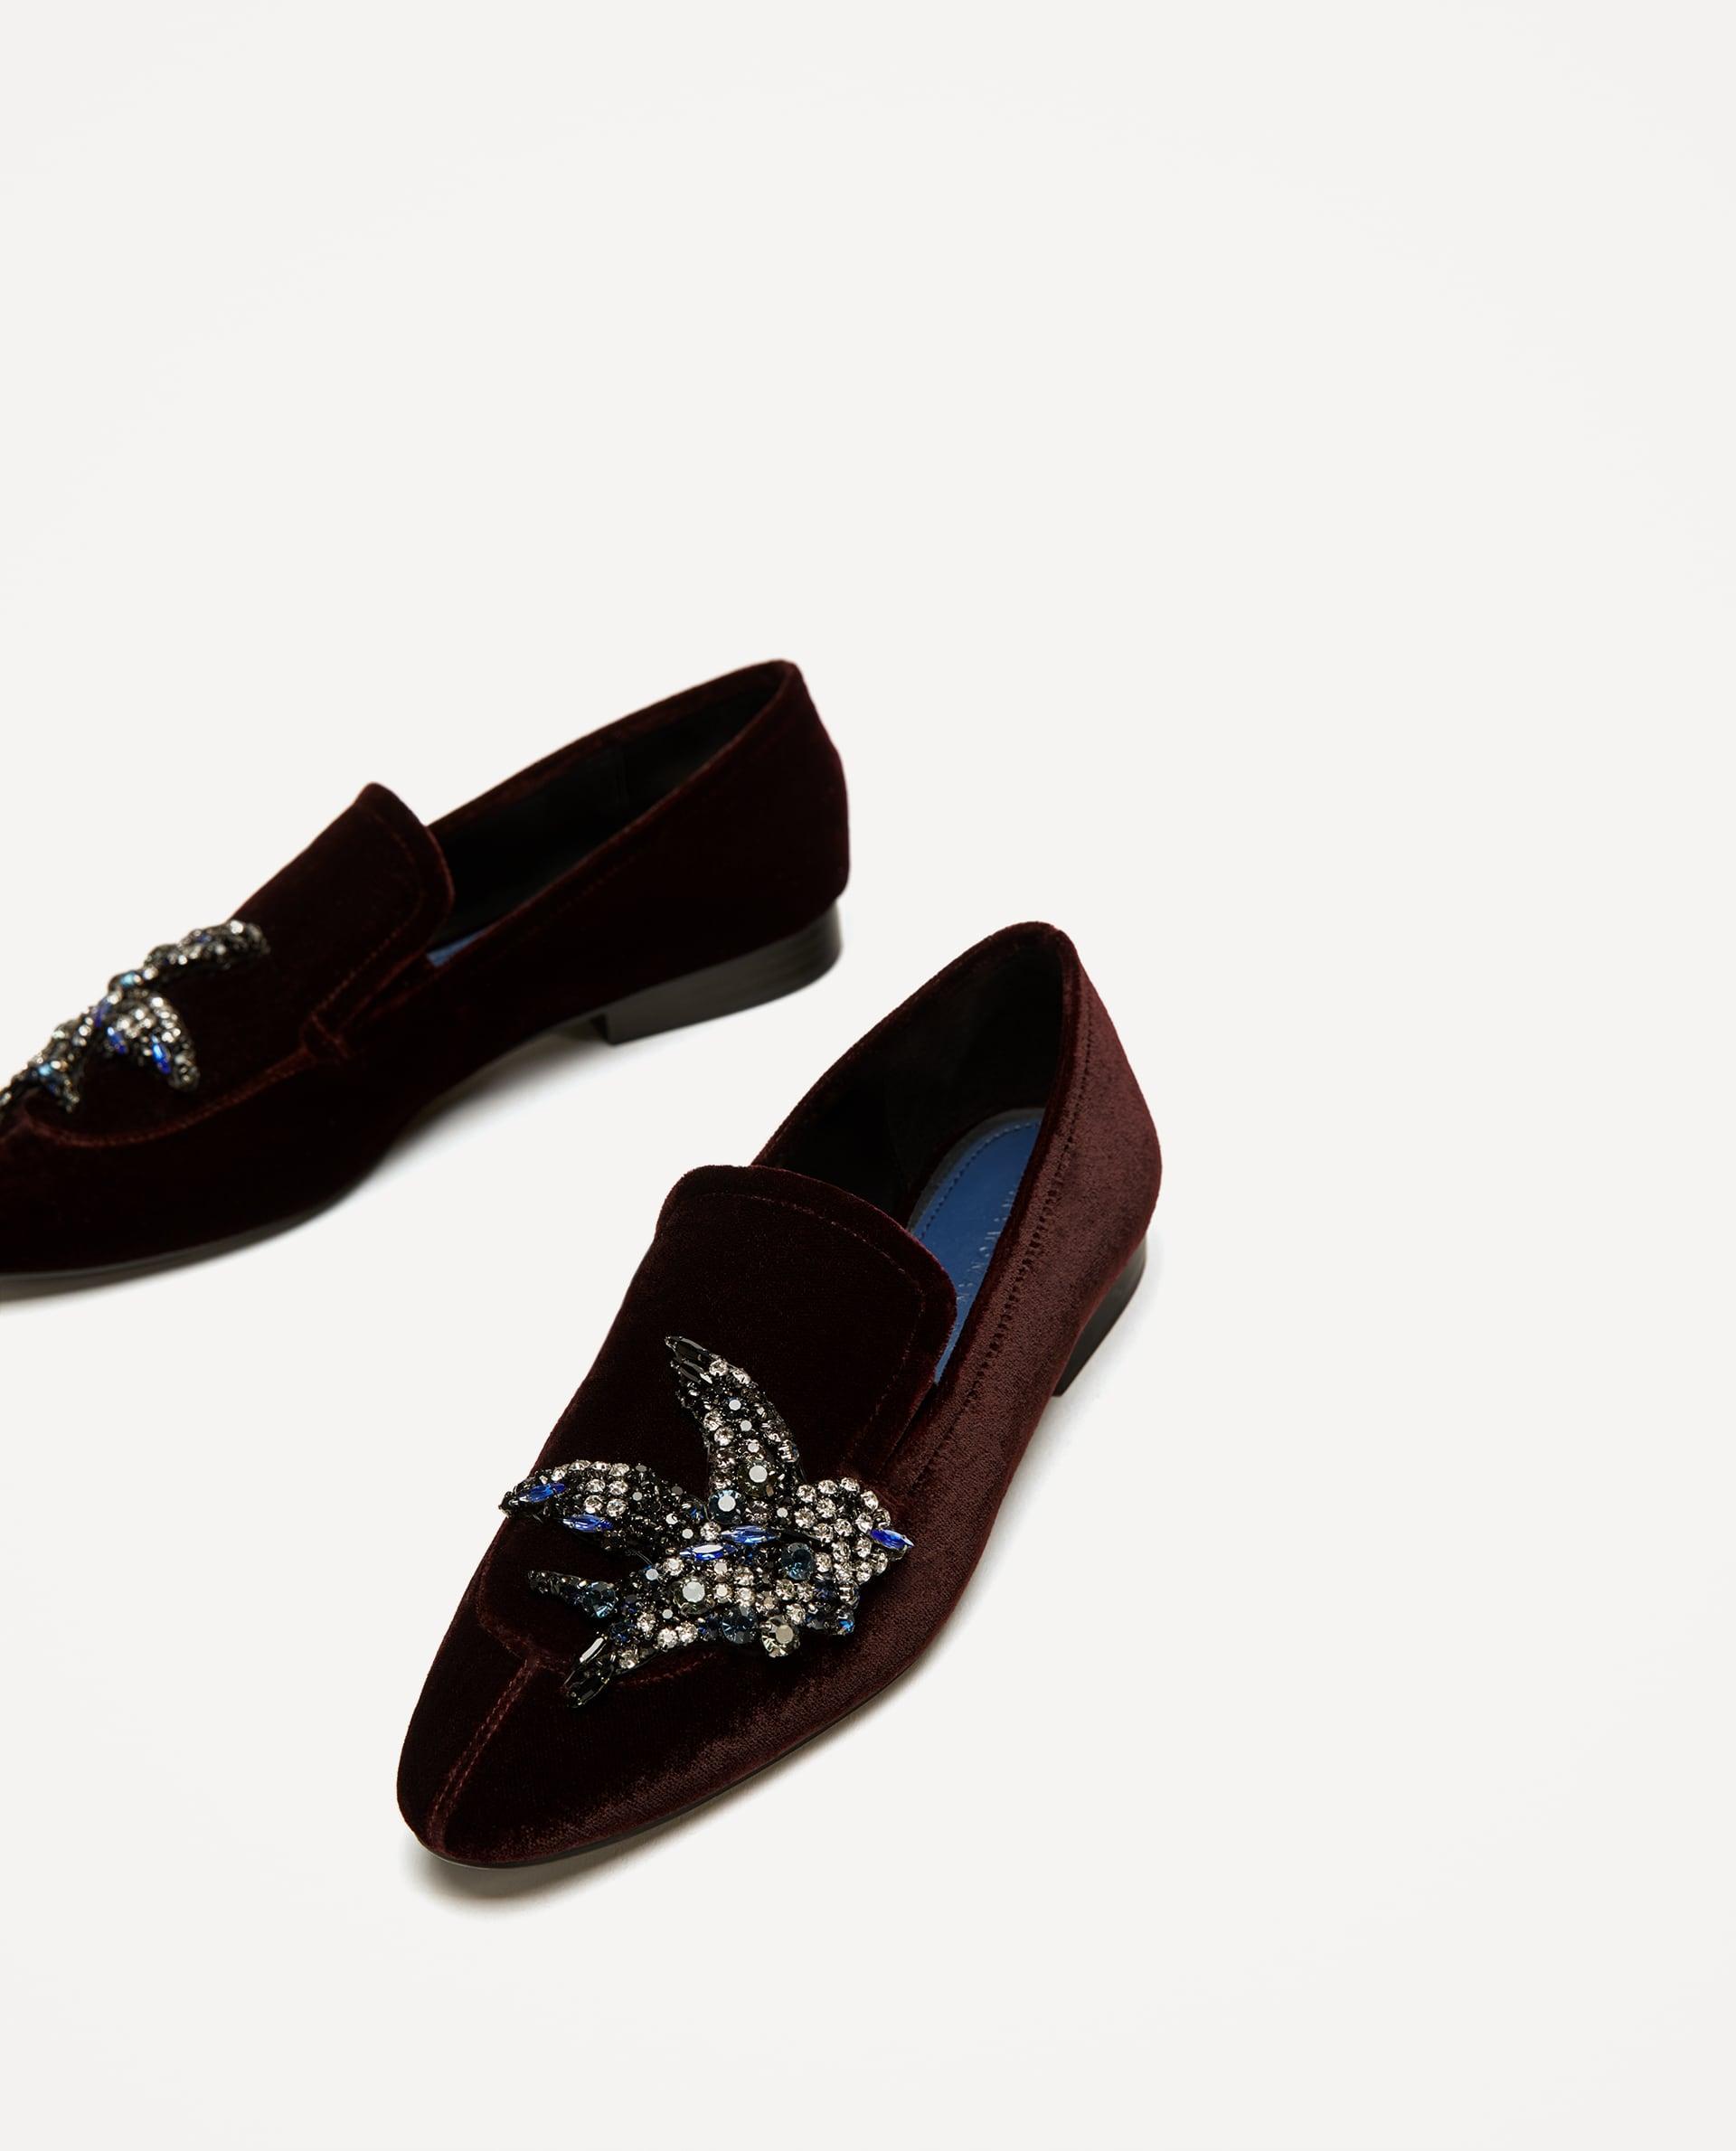 Mocassini Velluto Scarpe Shoeplay Di Qanf8wcv Da Fashion Donna Blog Zara qT0SB